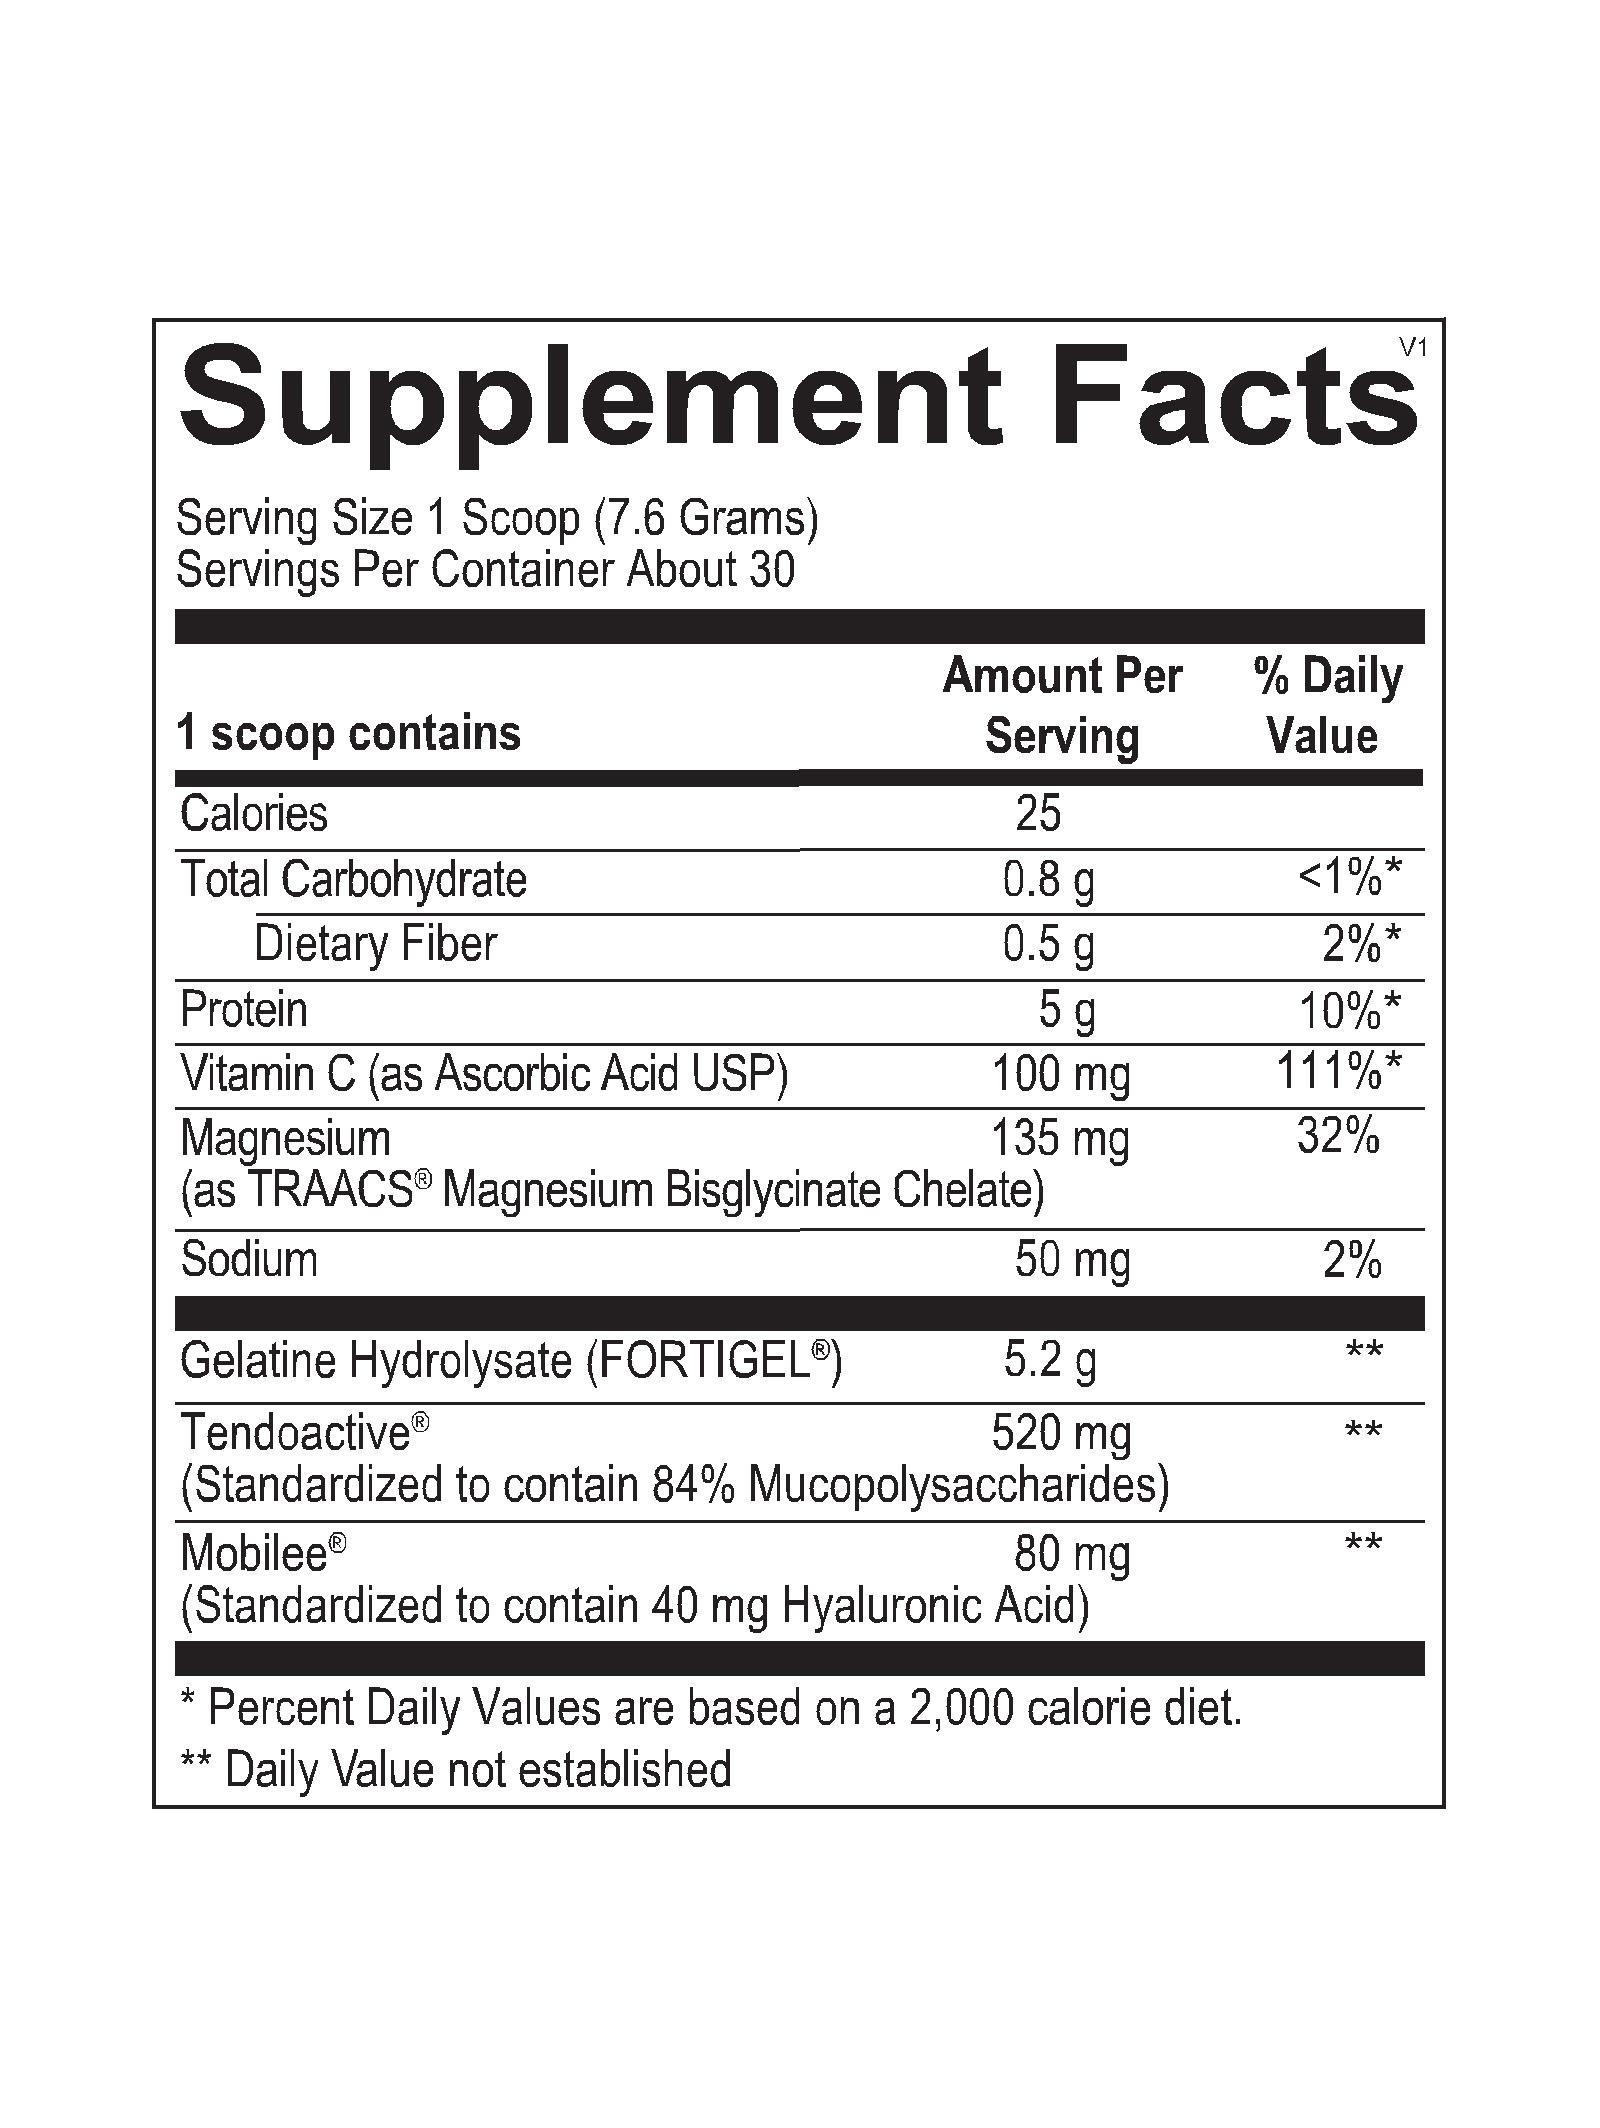 CollaGEN supplement  facts.jpg